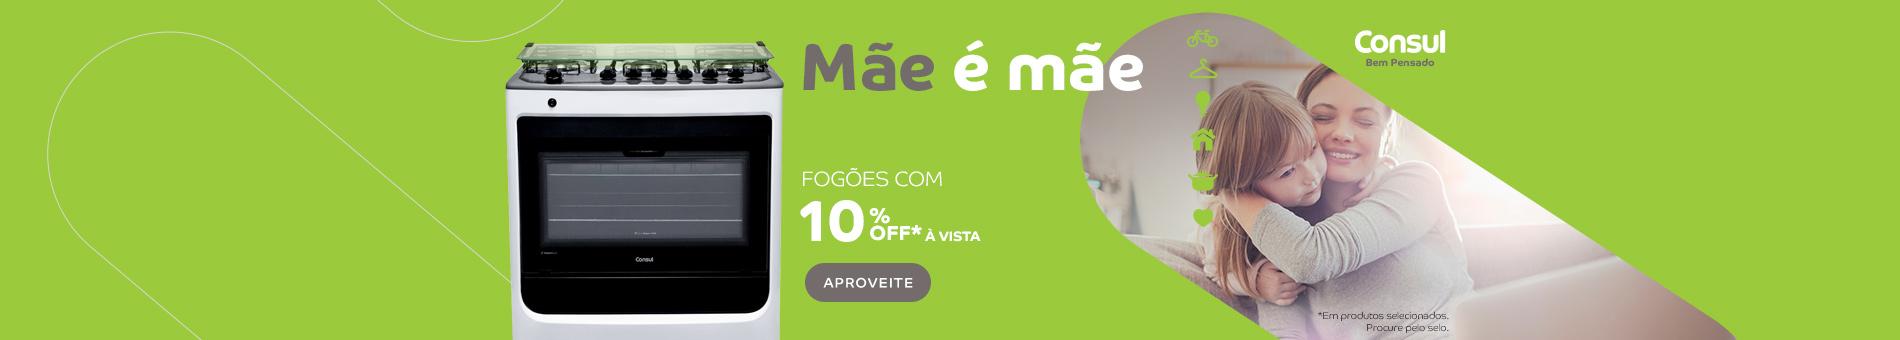 Promoção Interna - 1642 - mae_fogoes-freteou10vista_24032017_home4 - fogoes-freteou10vista - 4